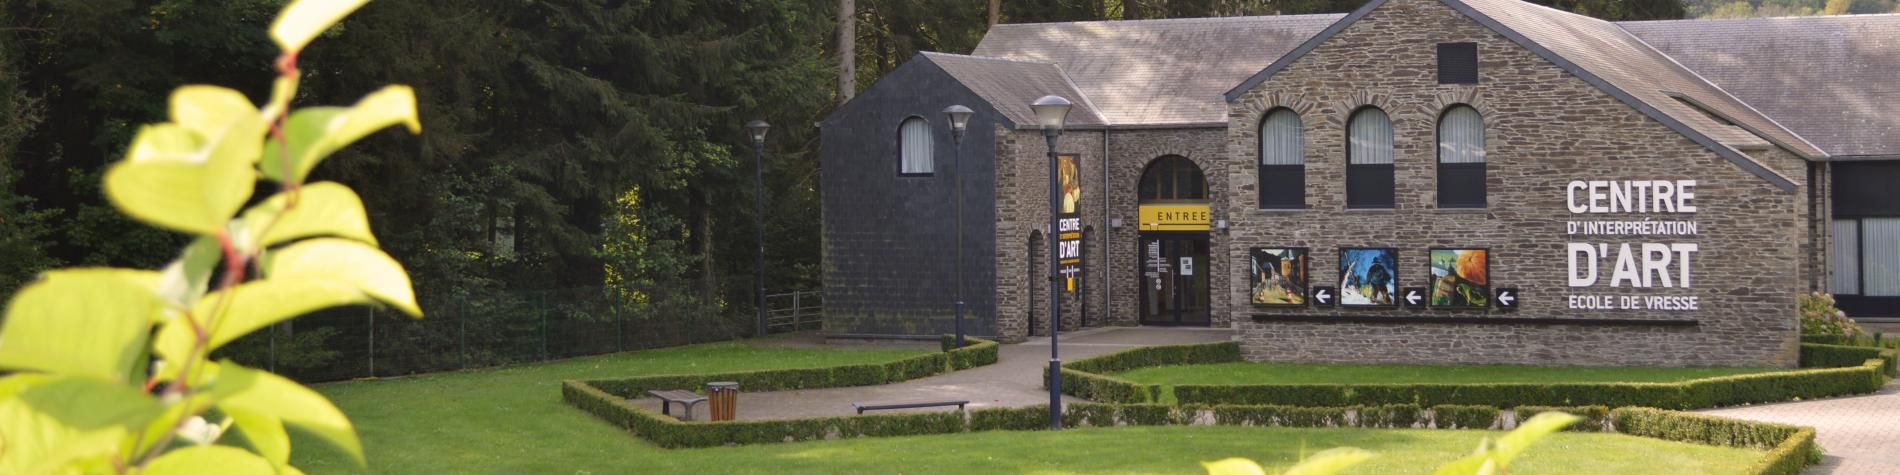 Centre d'Art - Exposition peinture - Vresse-sur-Semois